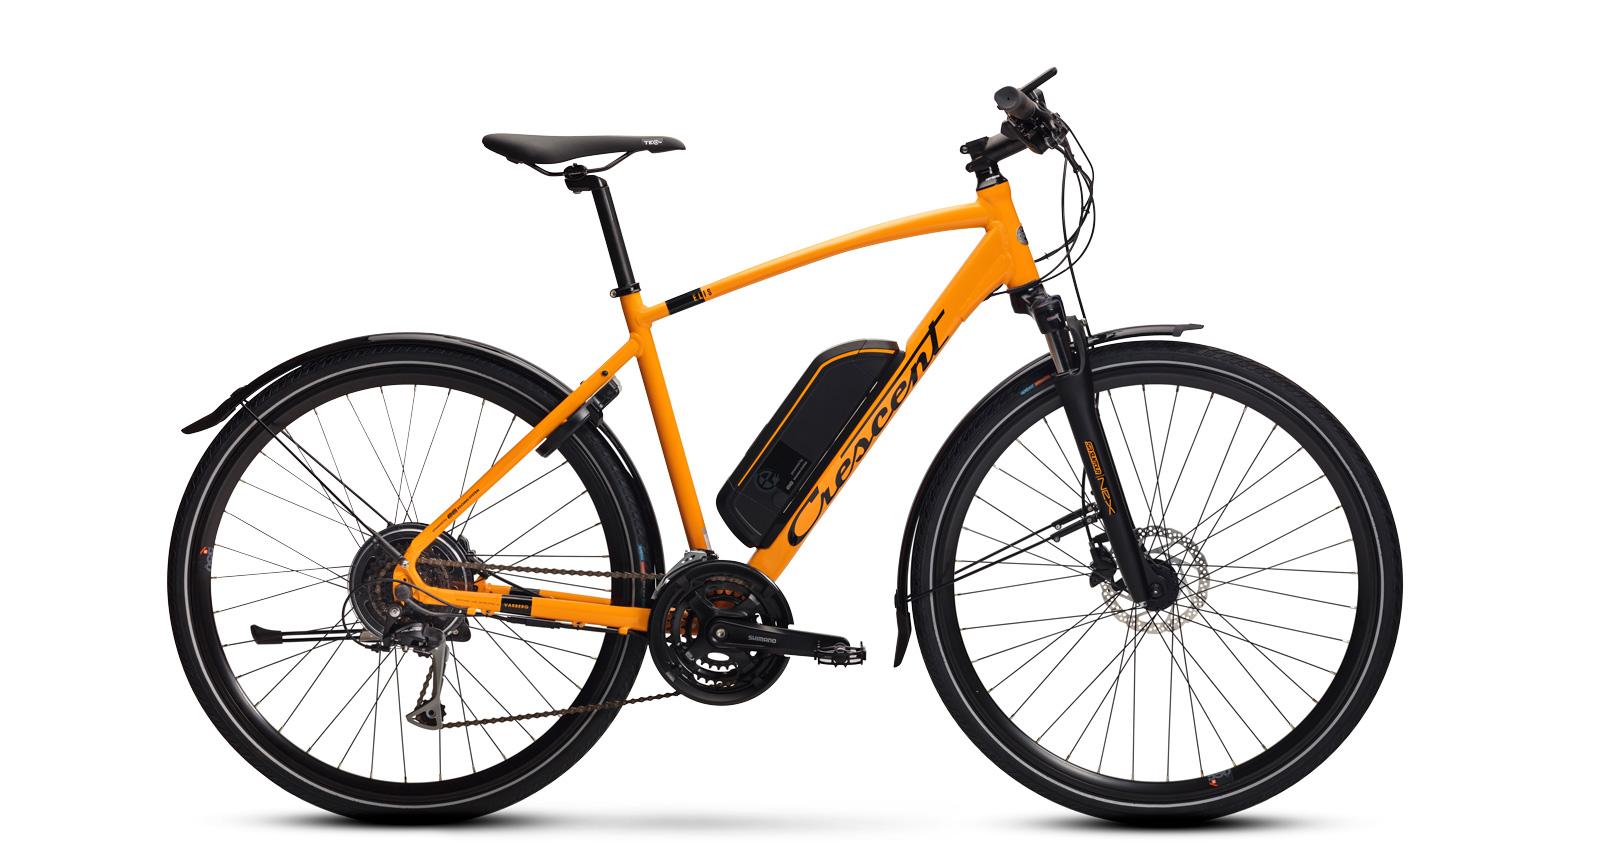 Sportig hybrid-elcykel med bakhjulsmotor; en rejäl skjuts framåt. Crescent Elis 24-vxl.